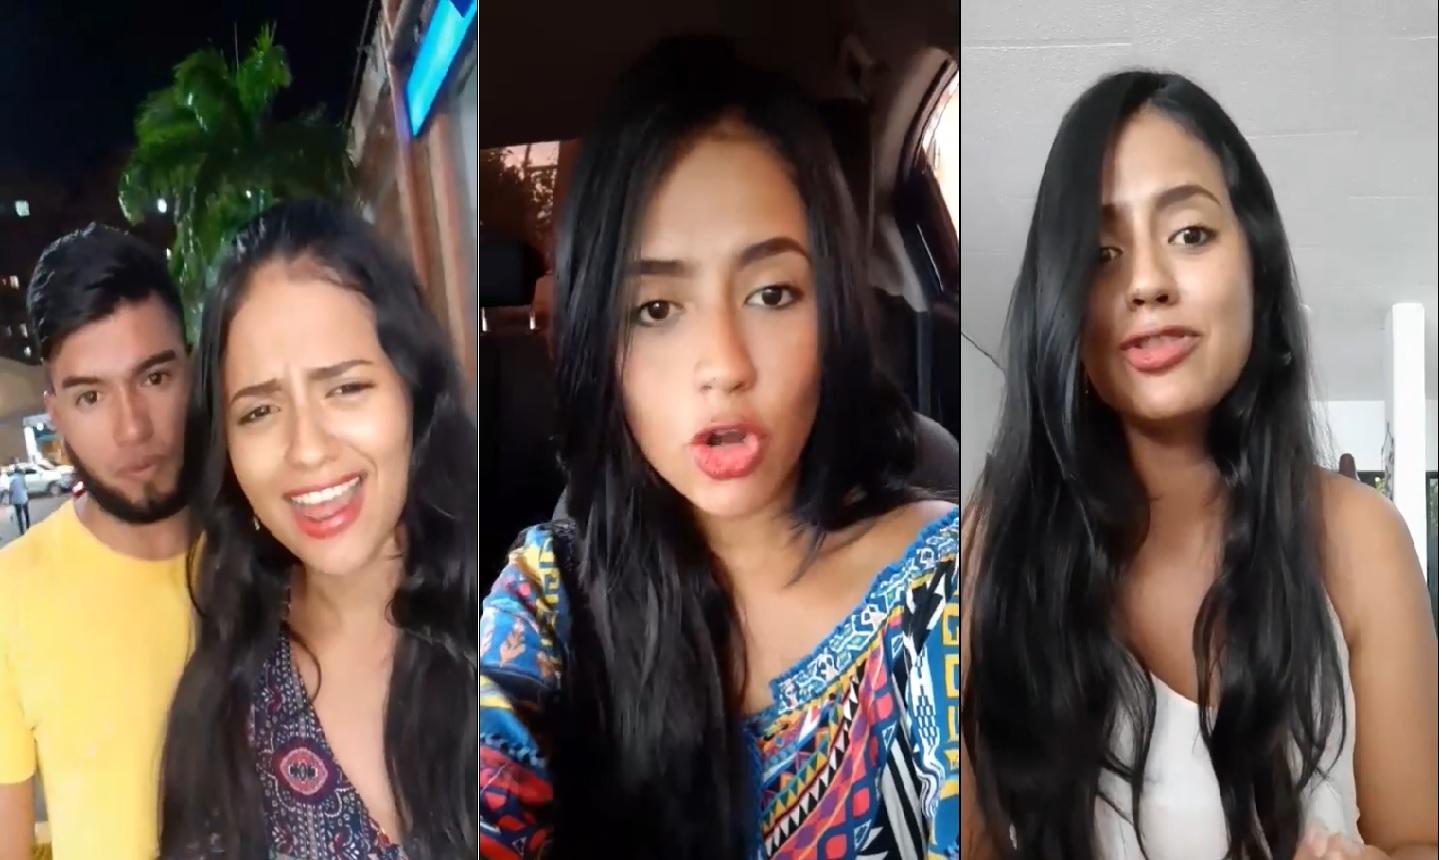 Adolescentes Aficionadas Porno videos] mujer que tuvo sexo con su novio en la calle genera